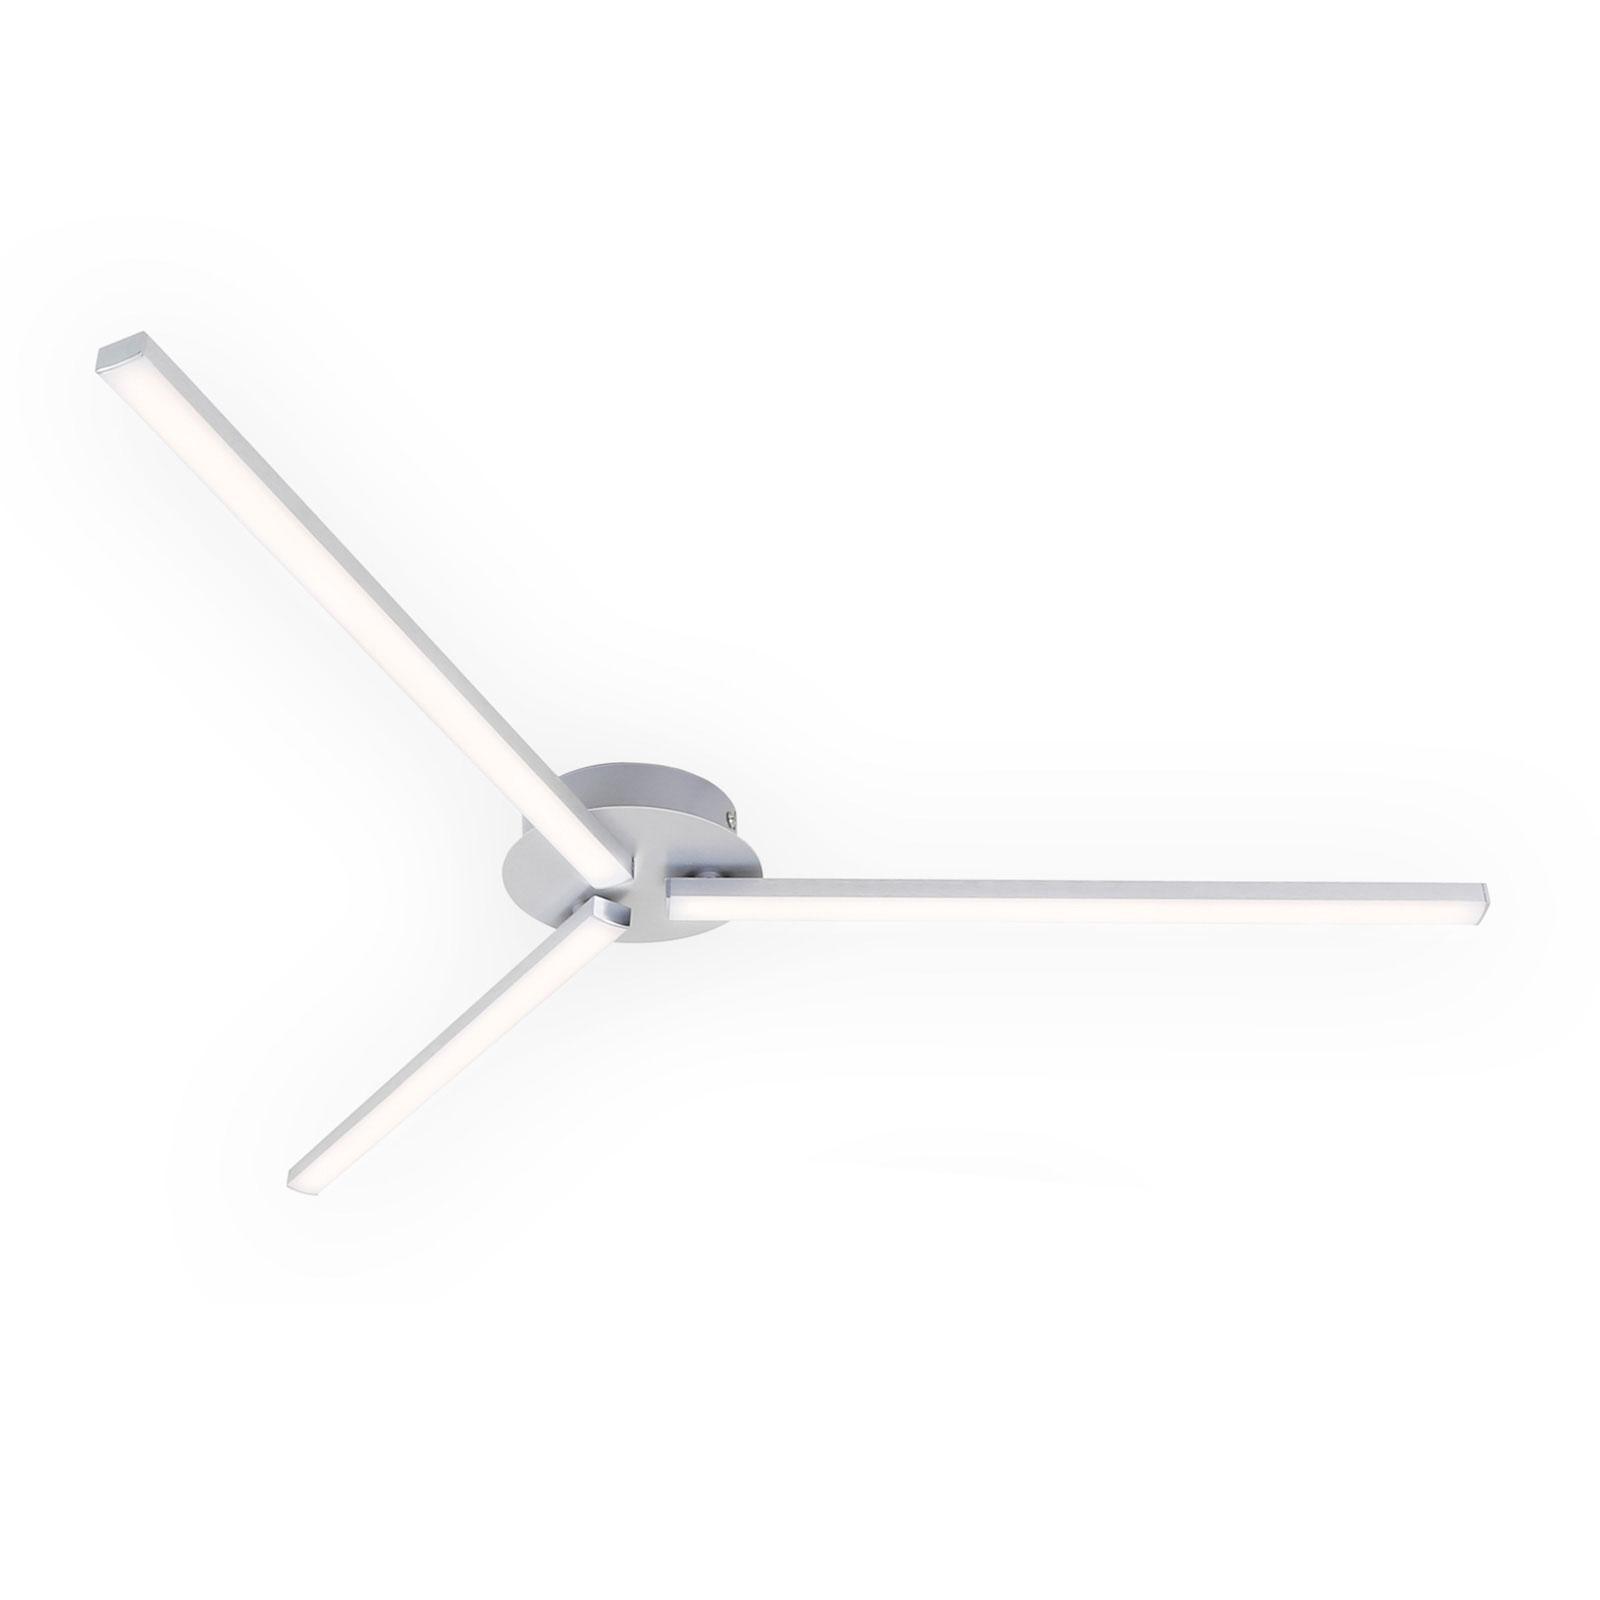 Lampa sufitowa LED 3181-039, 3-punktowa